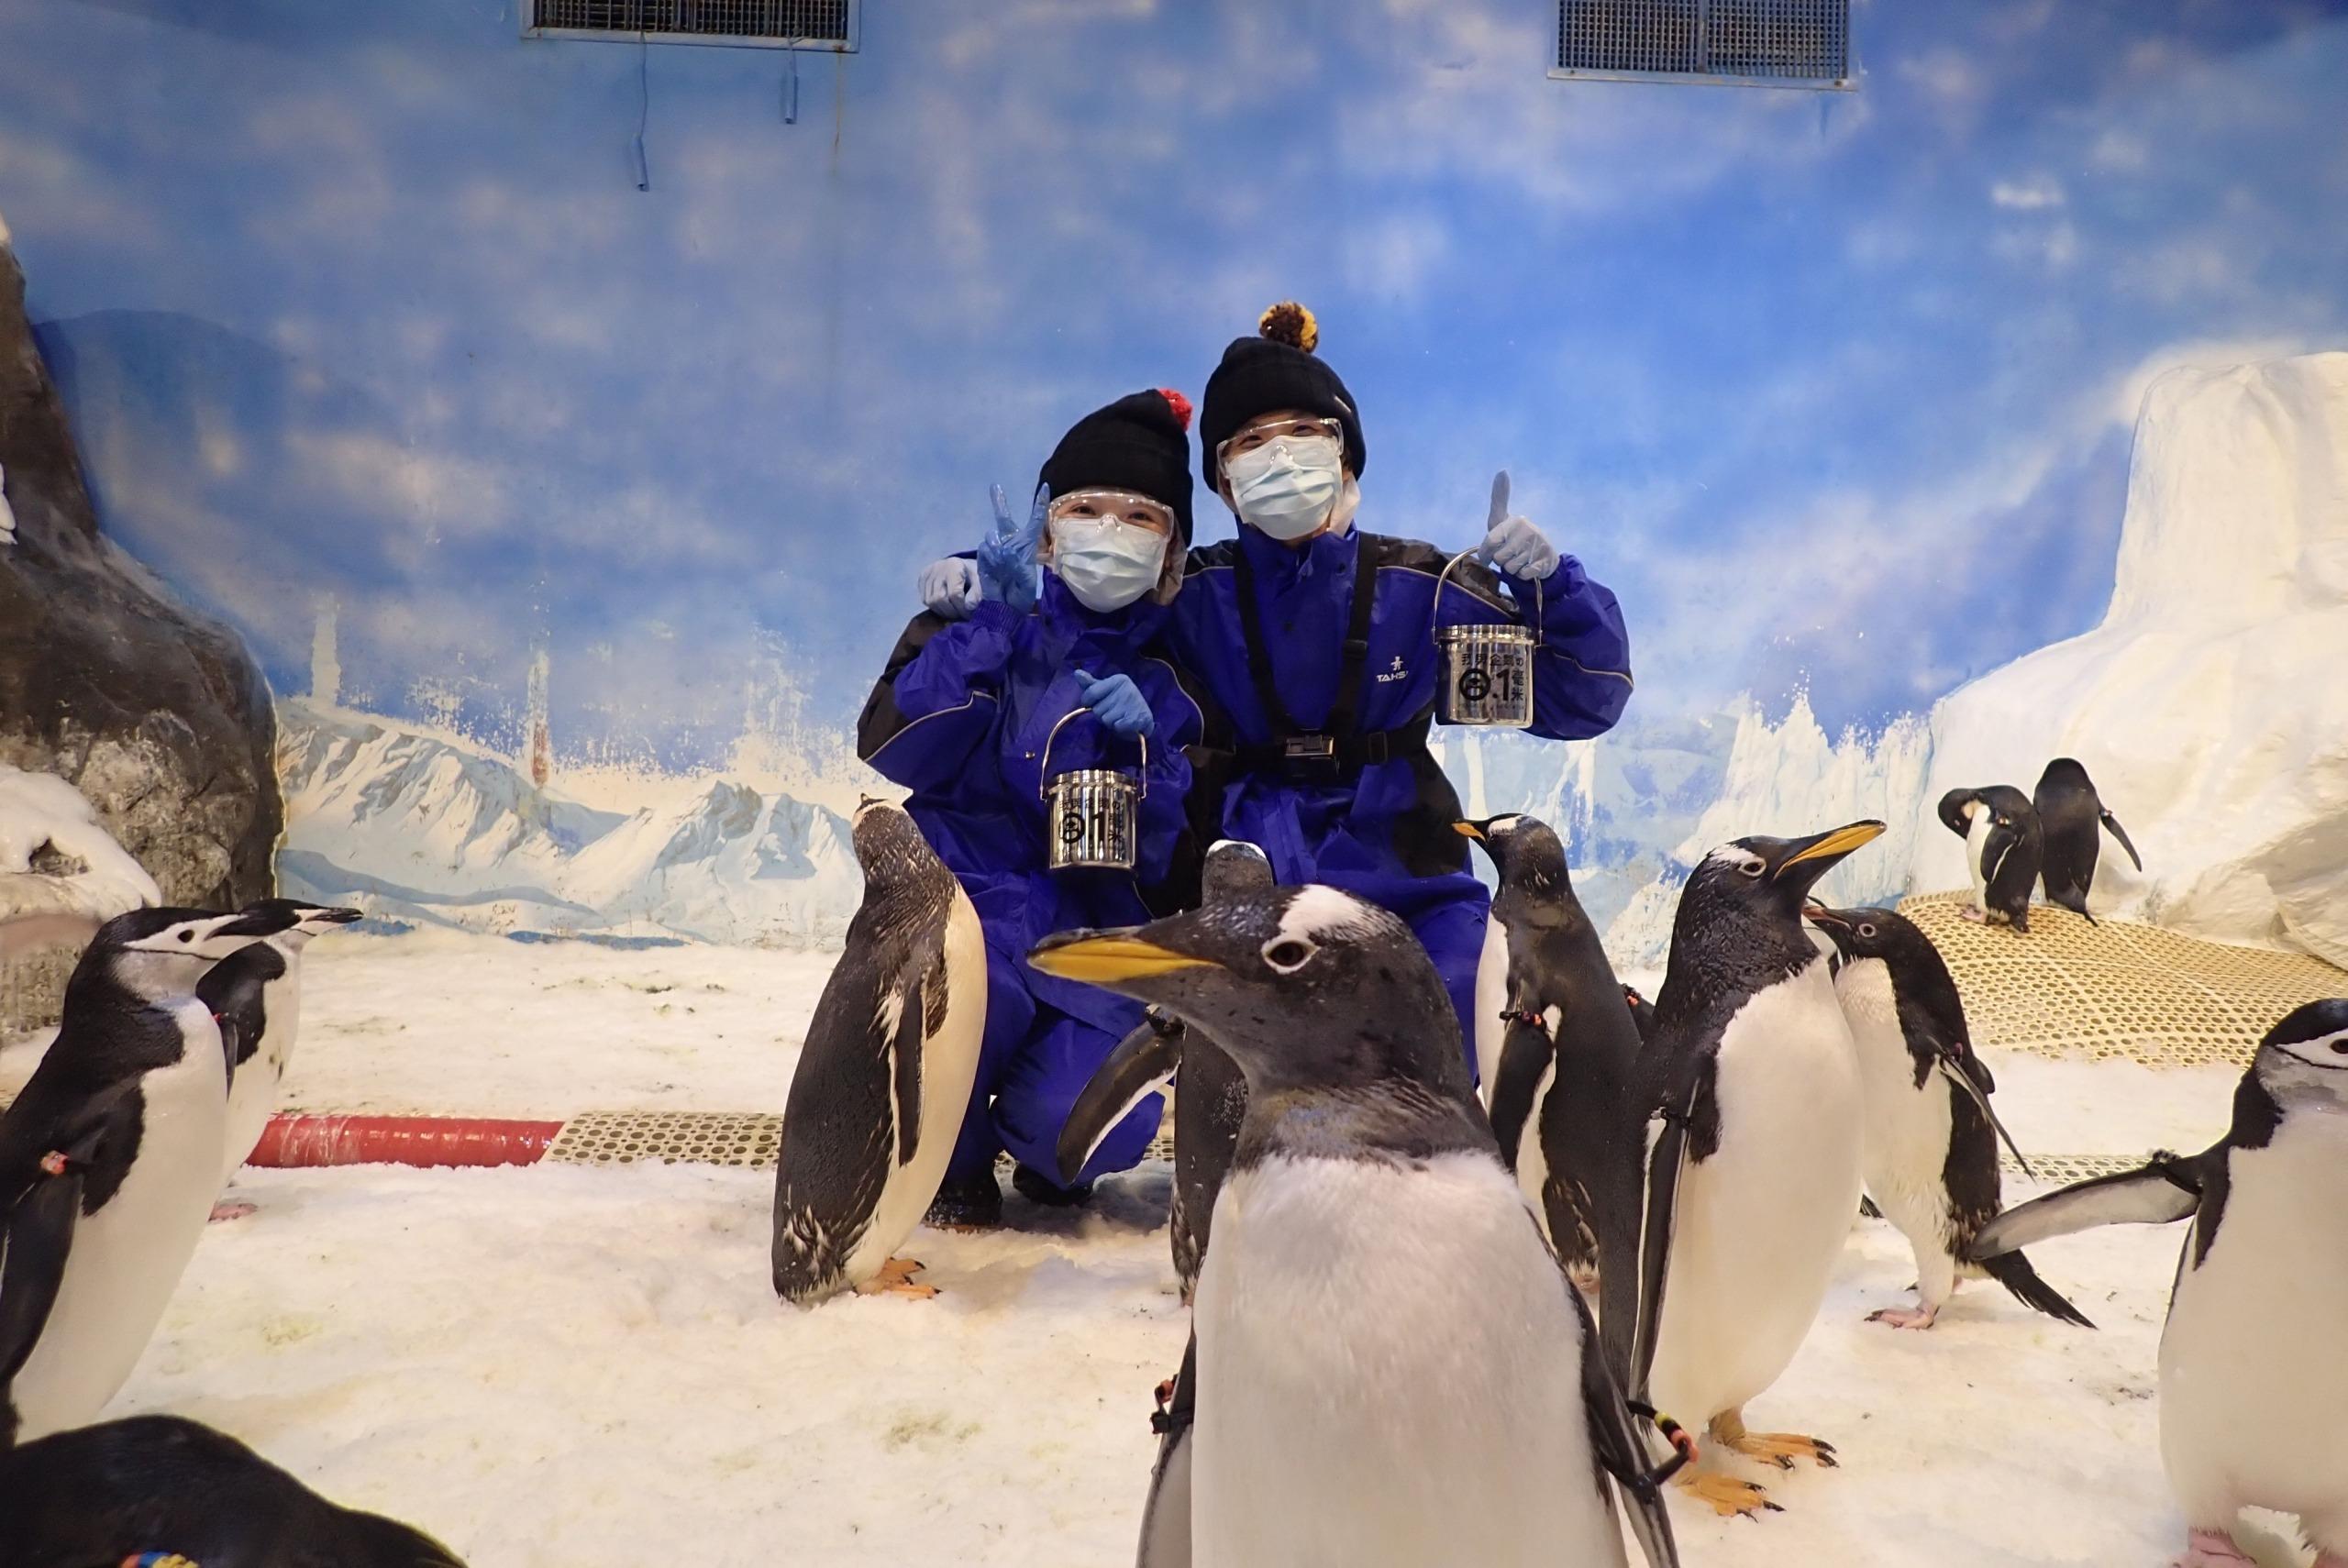 企鵝餵食體驗, 海生館企鵝飼育員, 海生館活動, 屏東海生館, 海生館企鵝, 海生館極地區, Klook我與企鵝的0.1毫米